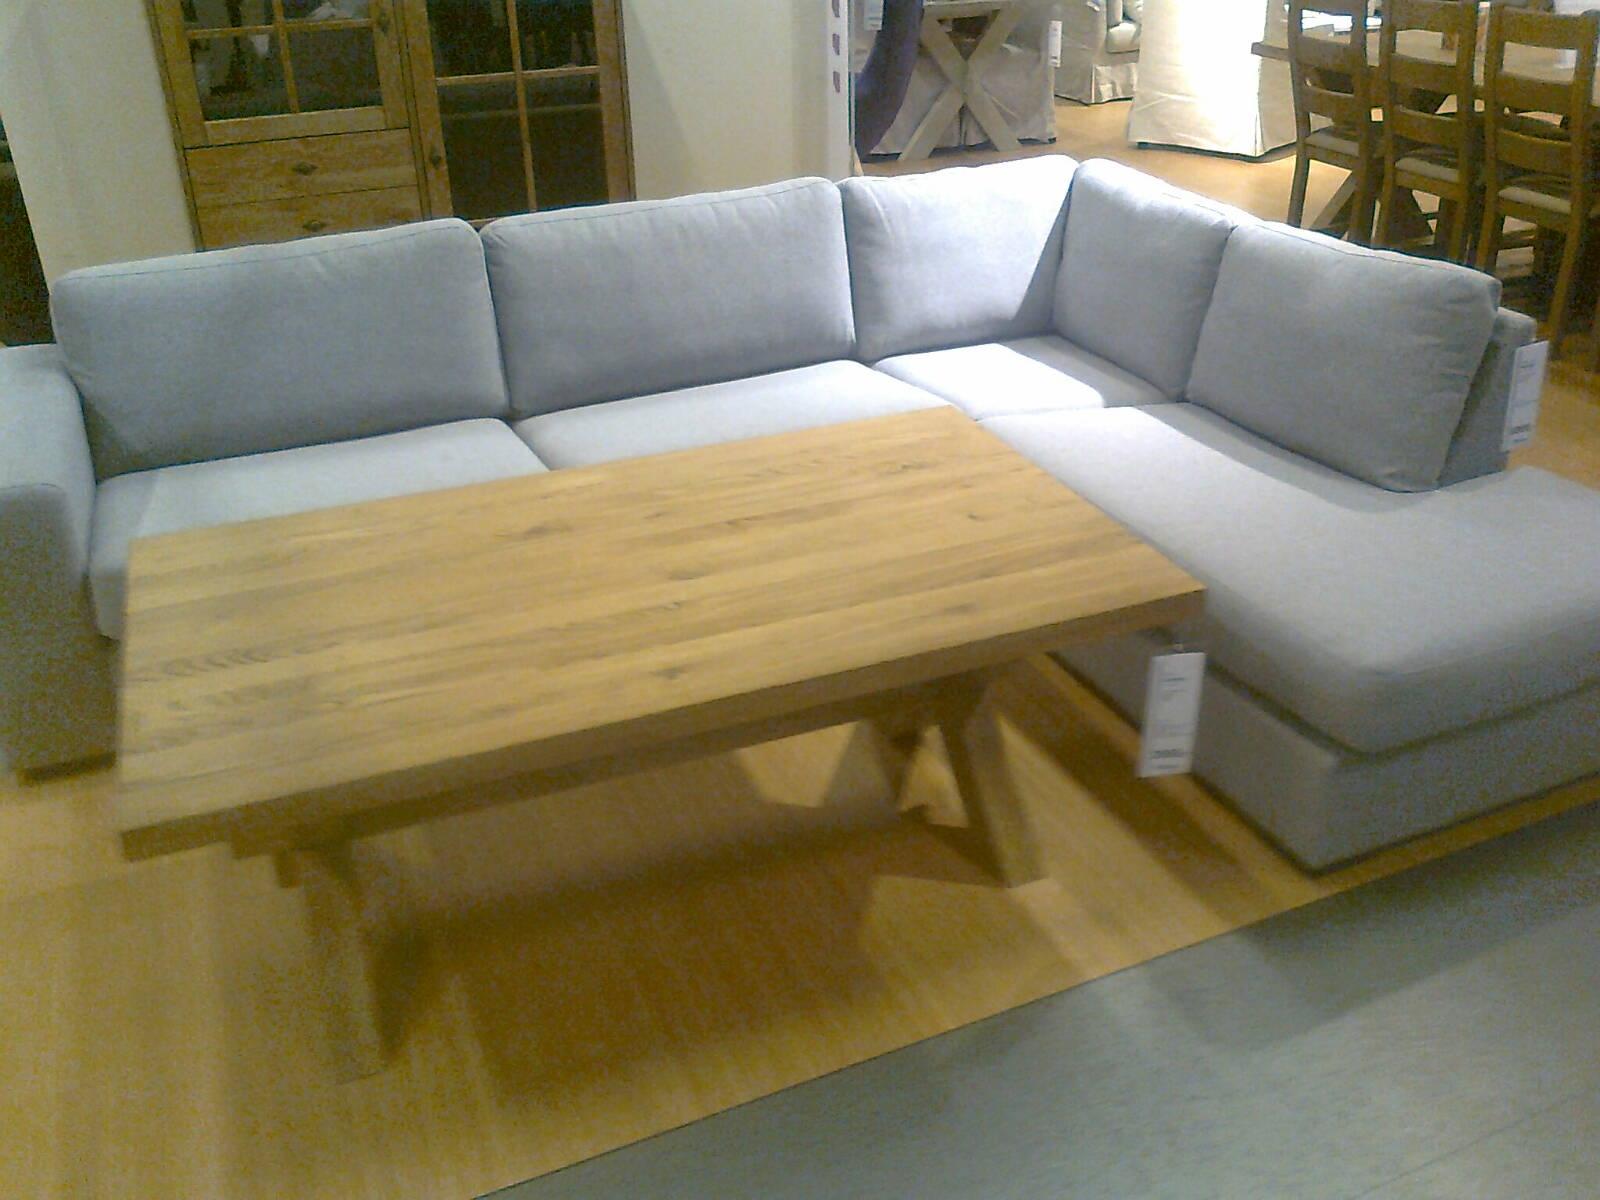 PÃ¥ bekkvang: ny sofa!!